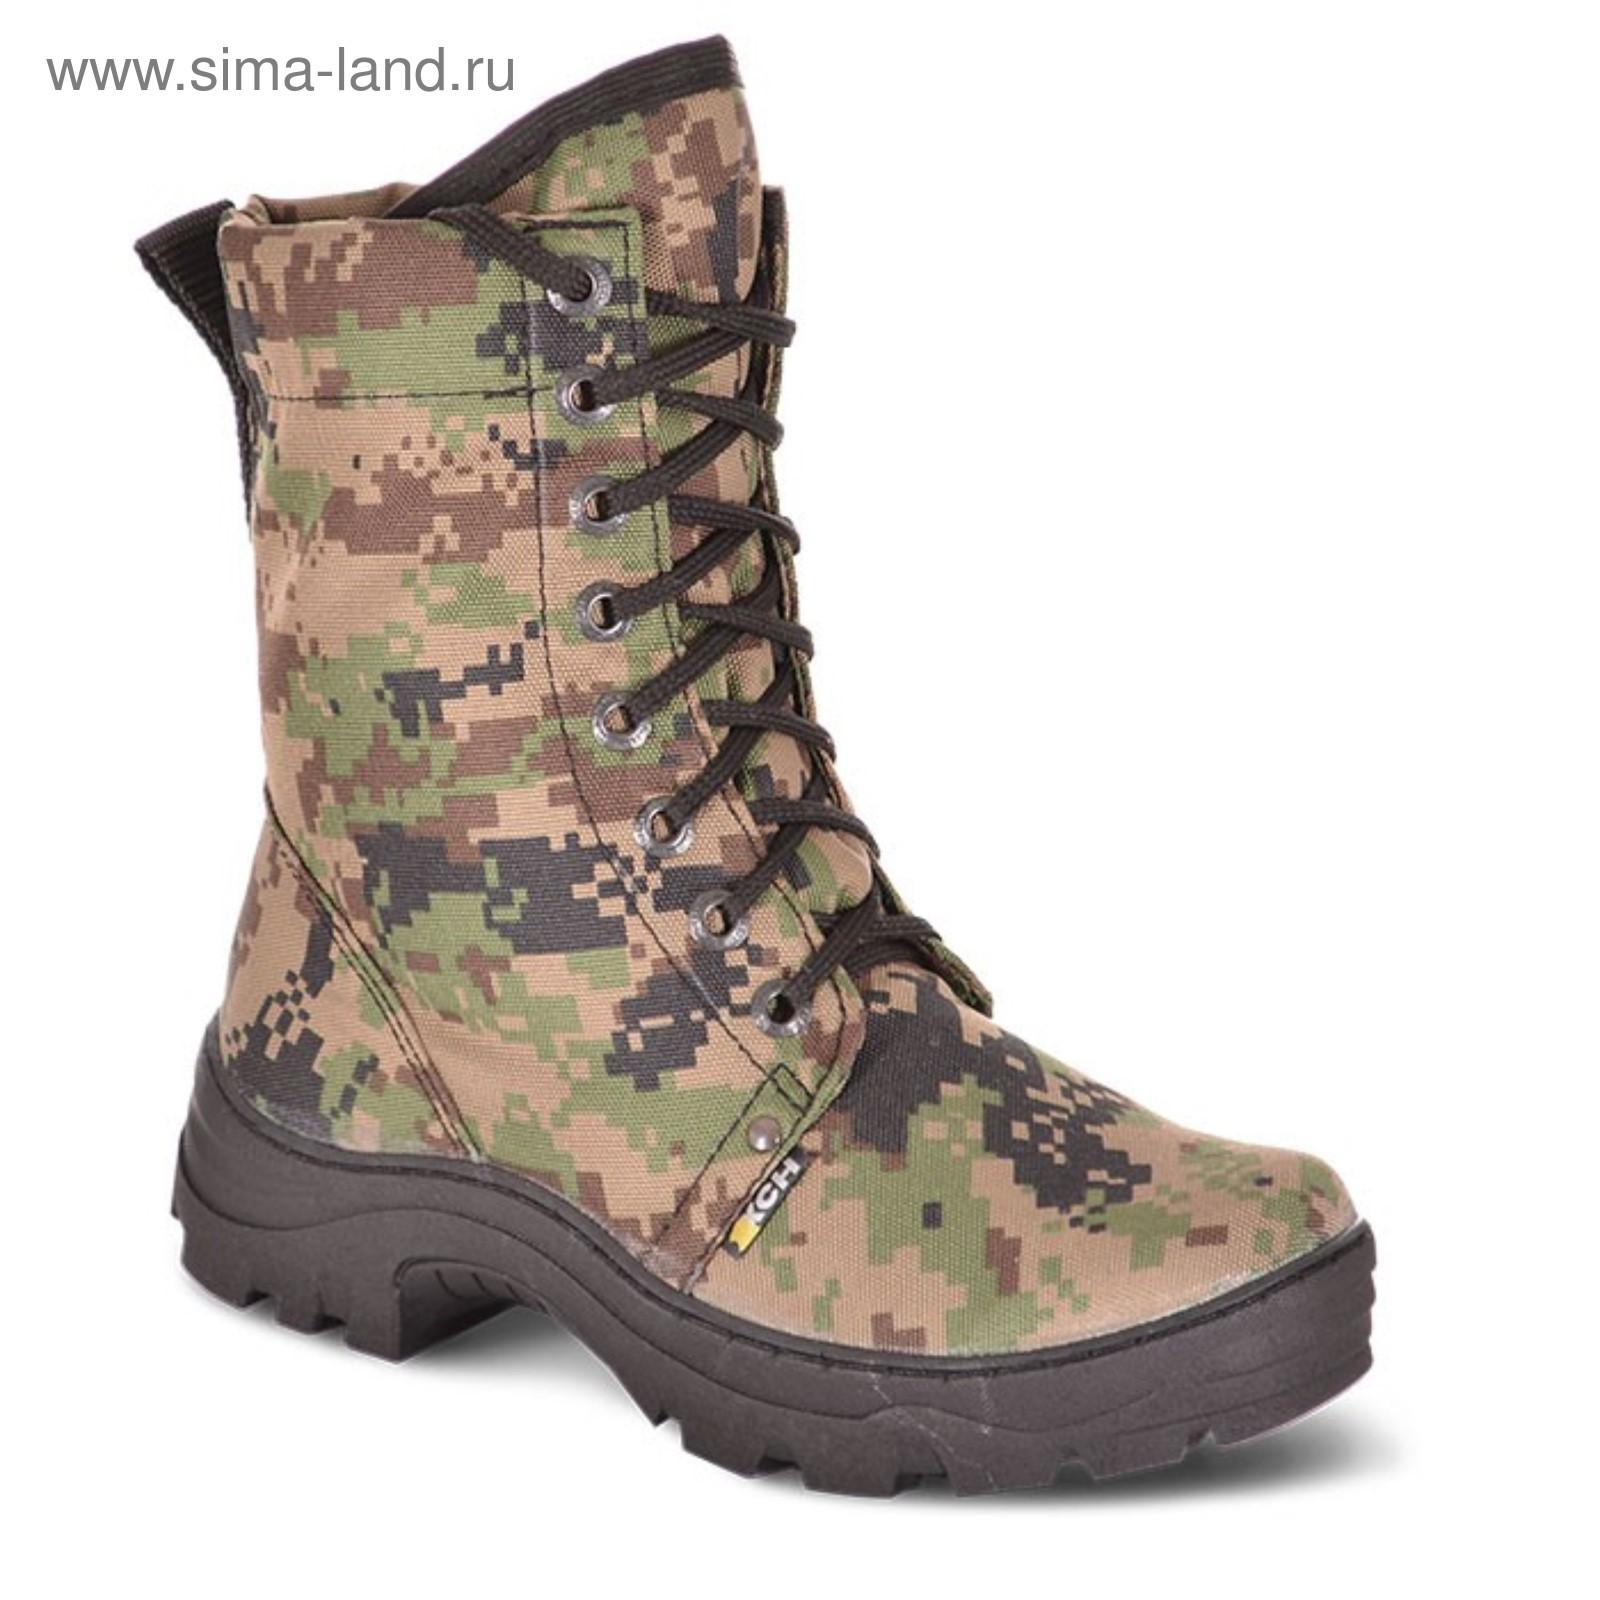 Ботинки мужские «Турист», камуфляж, размер 44 (511) - Купить по цене ... cc538f70274